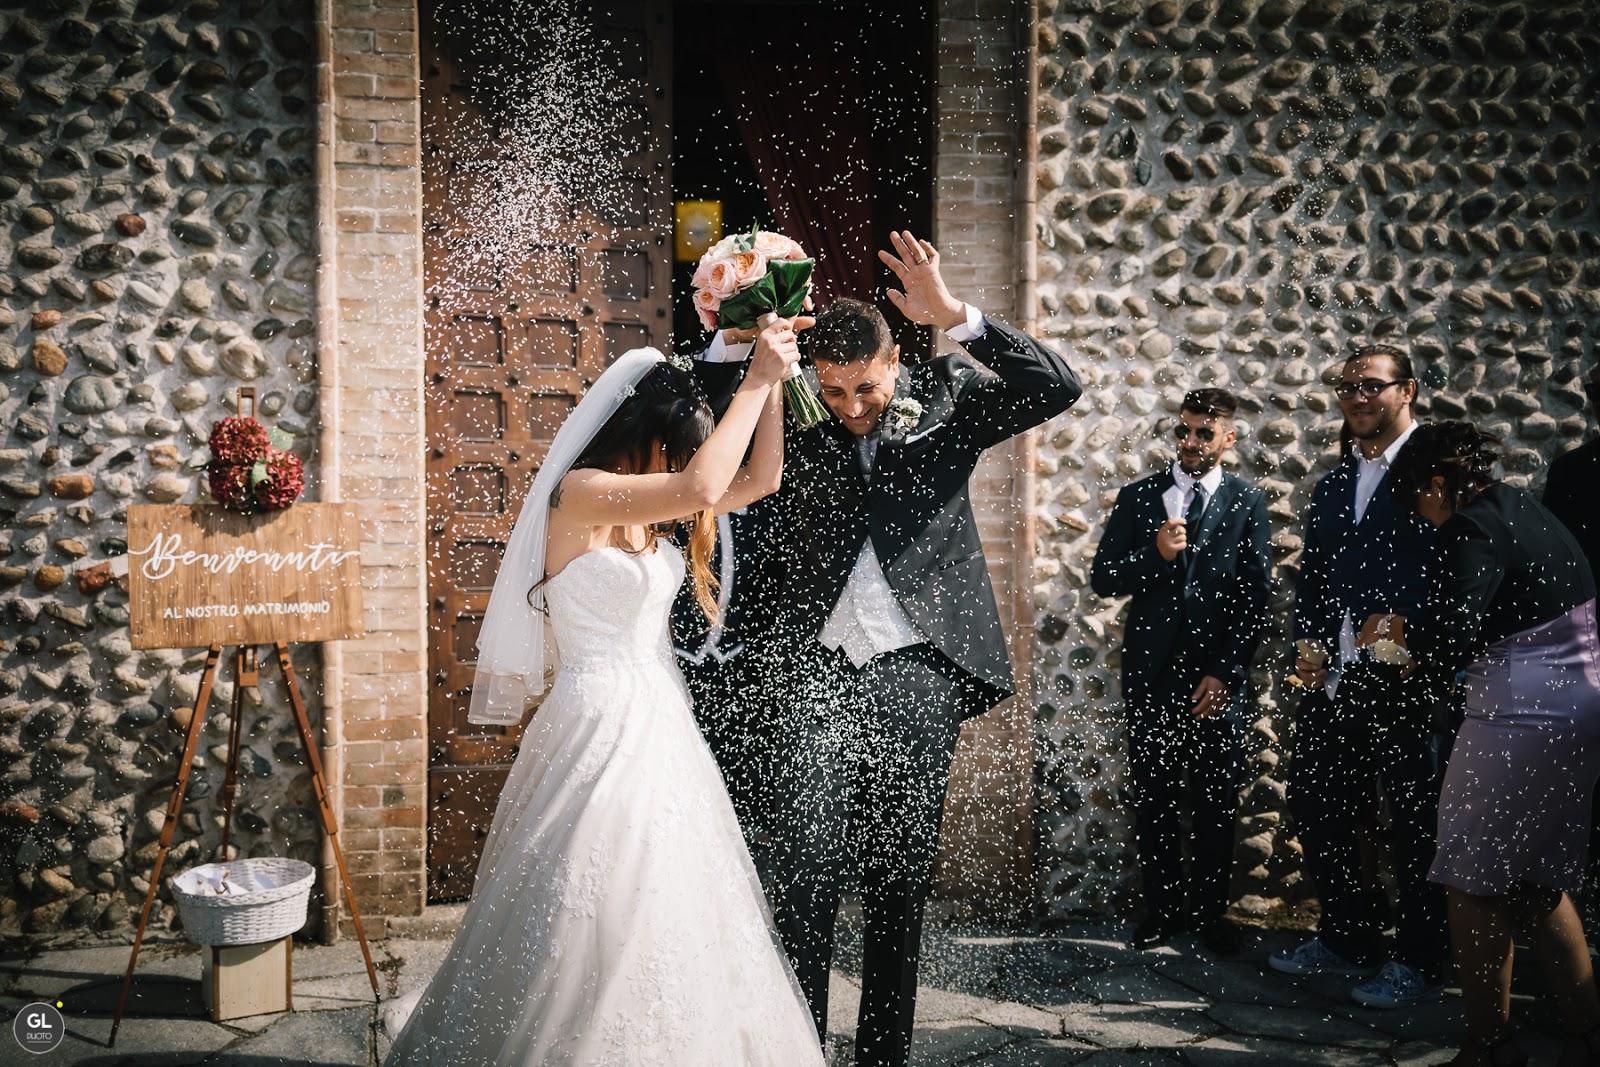 Idee in legno matrimonio per l'esterno della chiesa